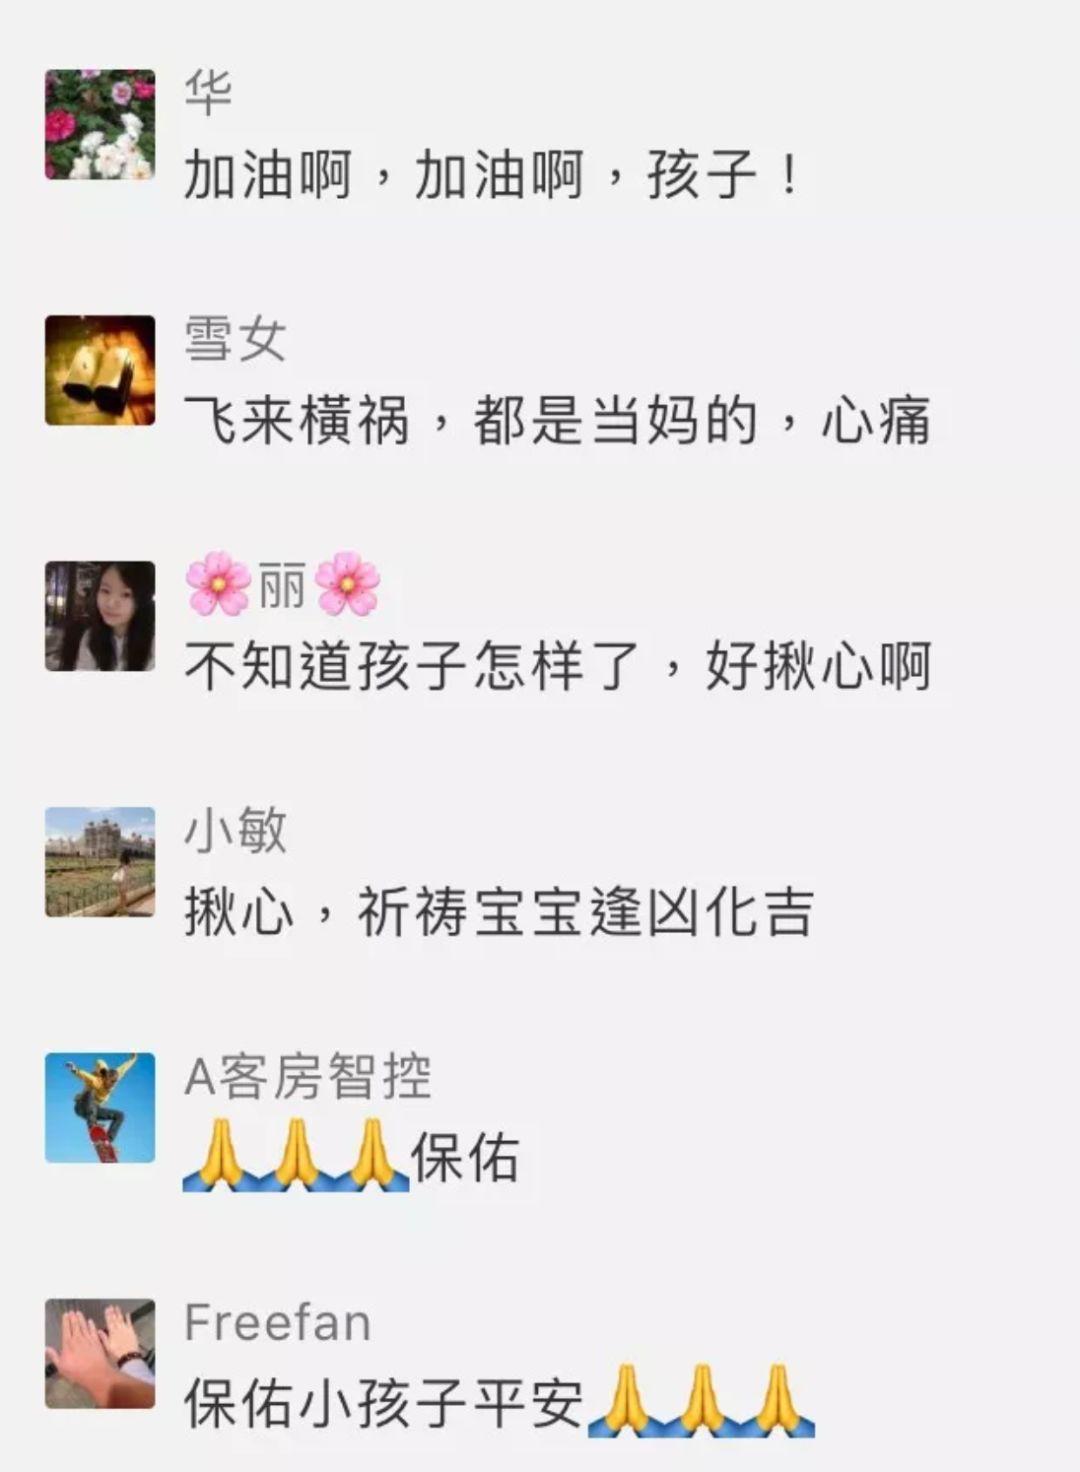 深圳被掉窗砸中的五岁男童仍未脱险,加油孩子!